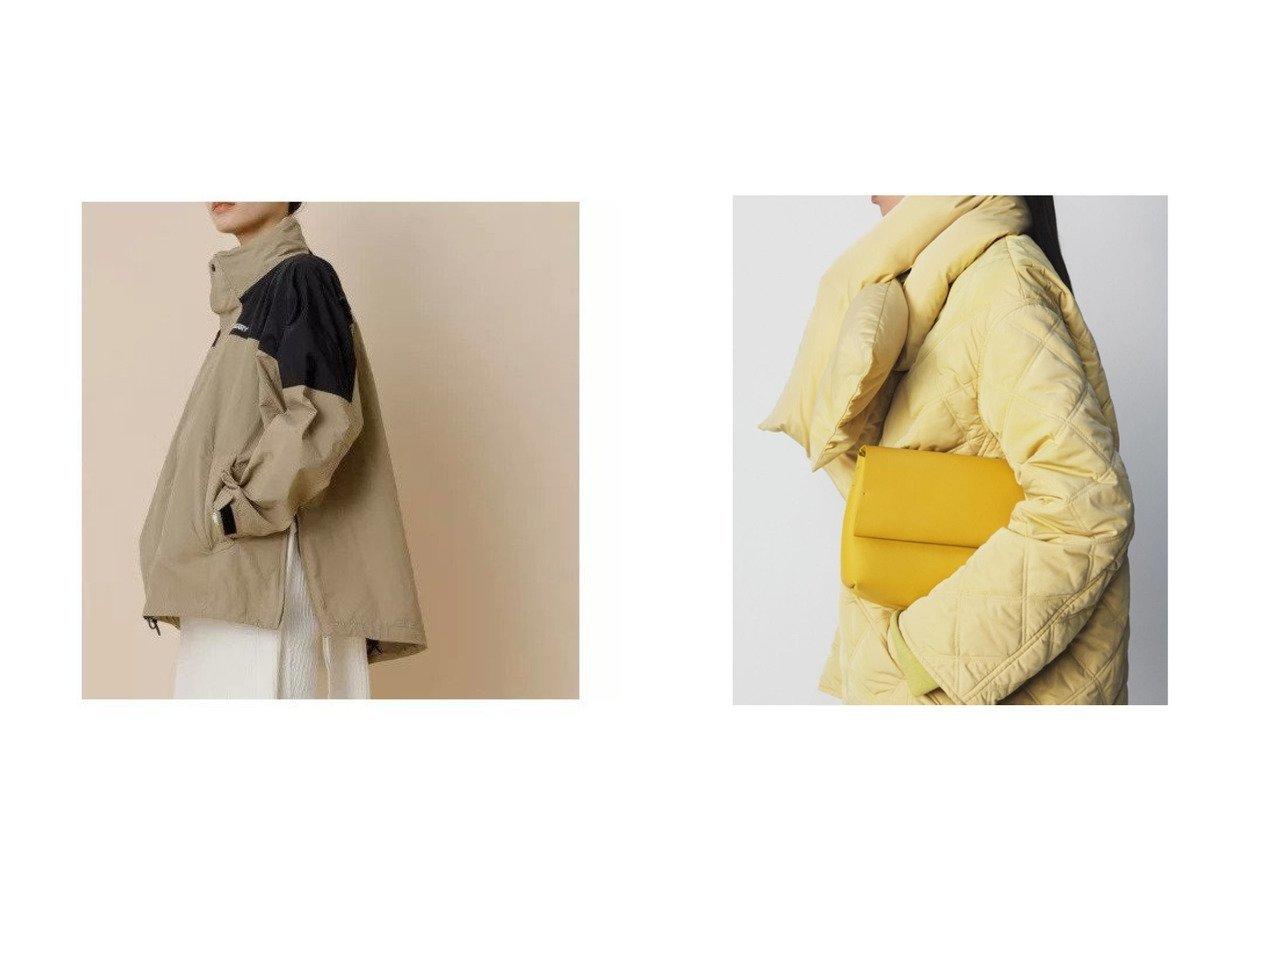 【Mila Owen/ミラオーウェン】のノーカラーAラインキルティングジャケット&【Adam et Rope/アダム エ ロペ】の【一部WEB限定】【GERRY】2WAYフードブルゾン アウターのおすすめ!人気、トレンド・レディースファッションの通販  おすすめで人気の流行・トレンド、ファッションの通販商品 メンズファッション・キッズファッション・インテリア・家具・レディースファッション・服の通販 founy(ファニー) https://founy.com/ ファッション Fashion レディースファッション WOMEN アウター Coat Outerwear ジャケット Jackets ブルゾン Blouson Jackets アウトドア アメリカン 今季 ジップ ジャケット スタンド スニーカー スリット トレンド 定番 ニューヨーク パーカー ブルゾン ポケット 別注 モノトーン ワッシャー キルティング 軽量 スマート タートルネック ダウン チェスターコート マフラー |ID:crp329100000010060